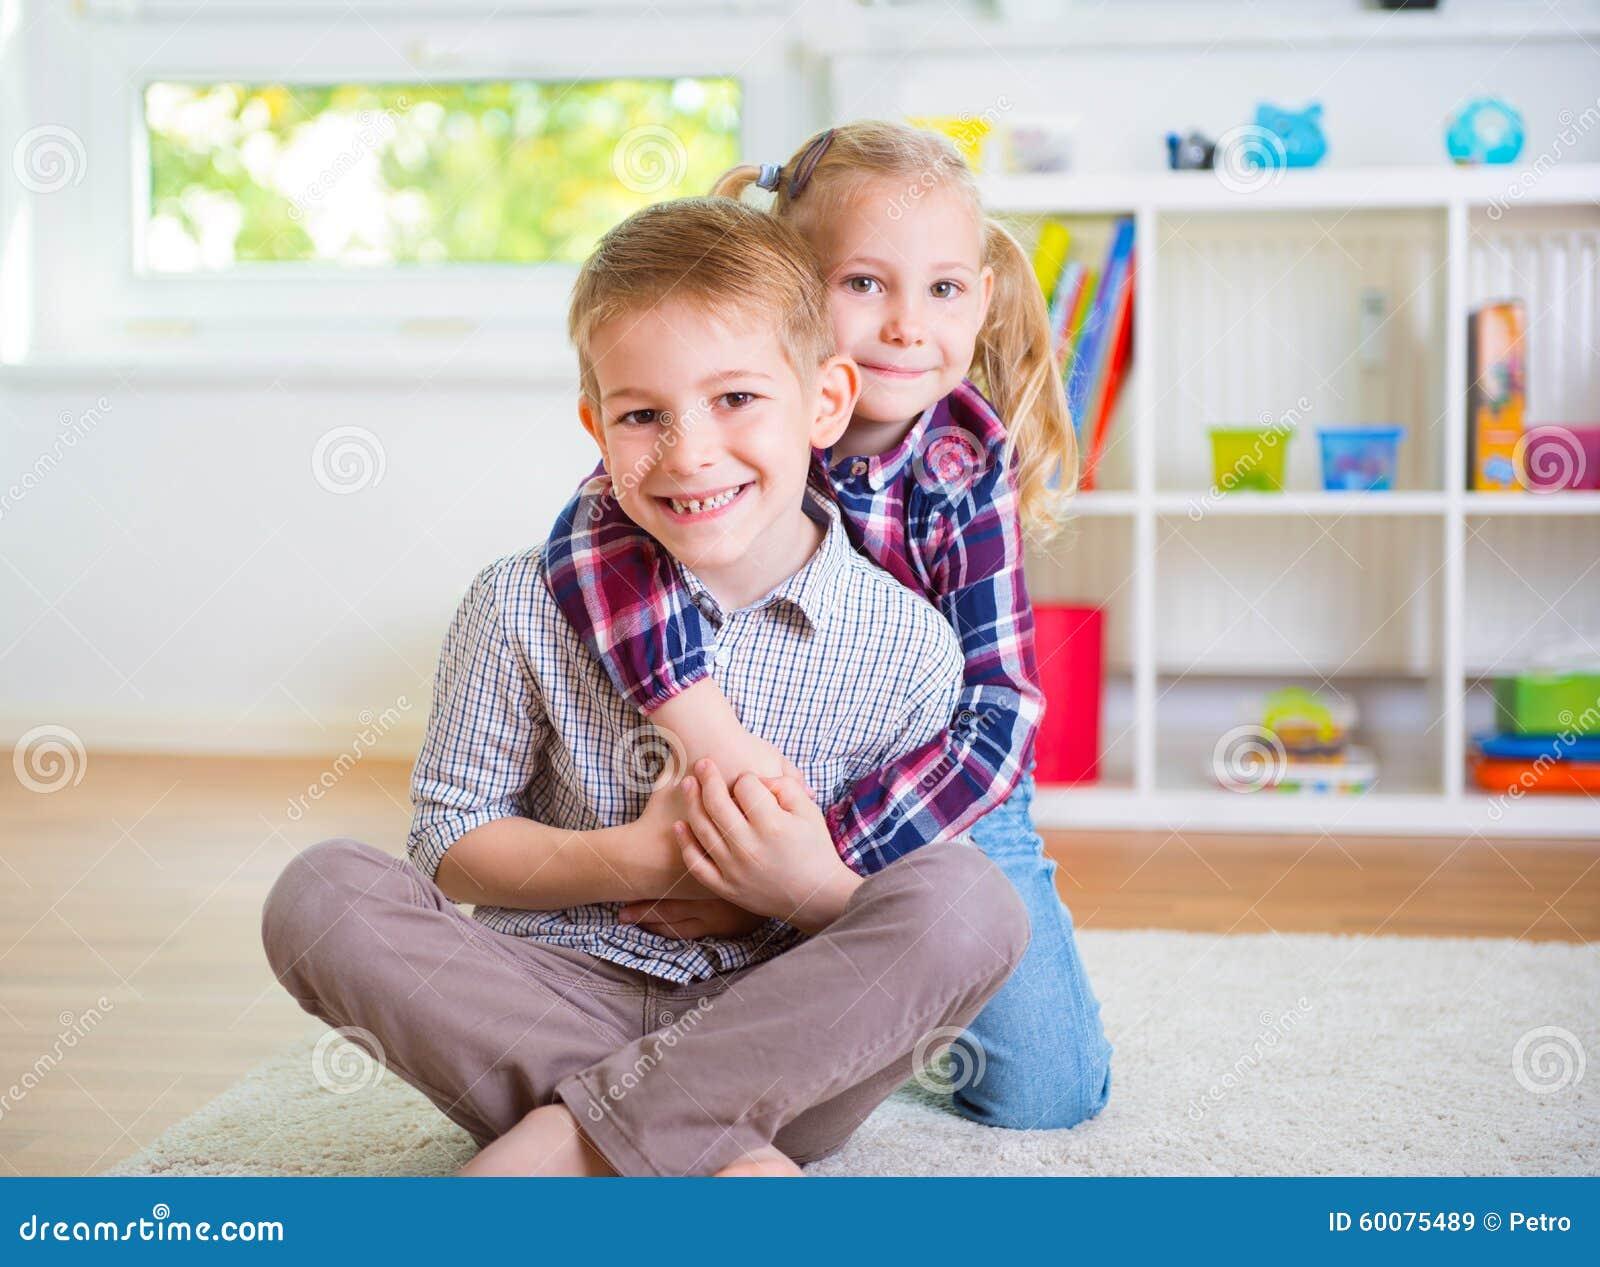 Русский инцест родного брата с сестрой, Инцест брата с сестрой 22 фотография